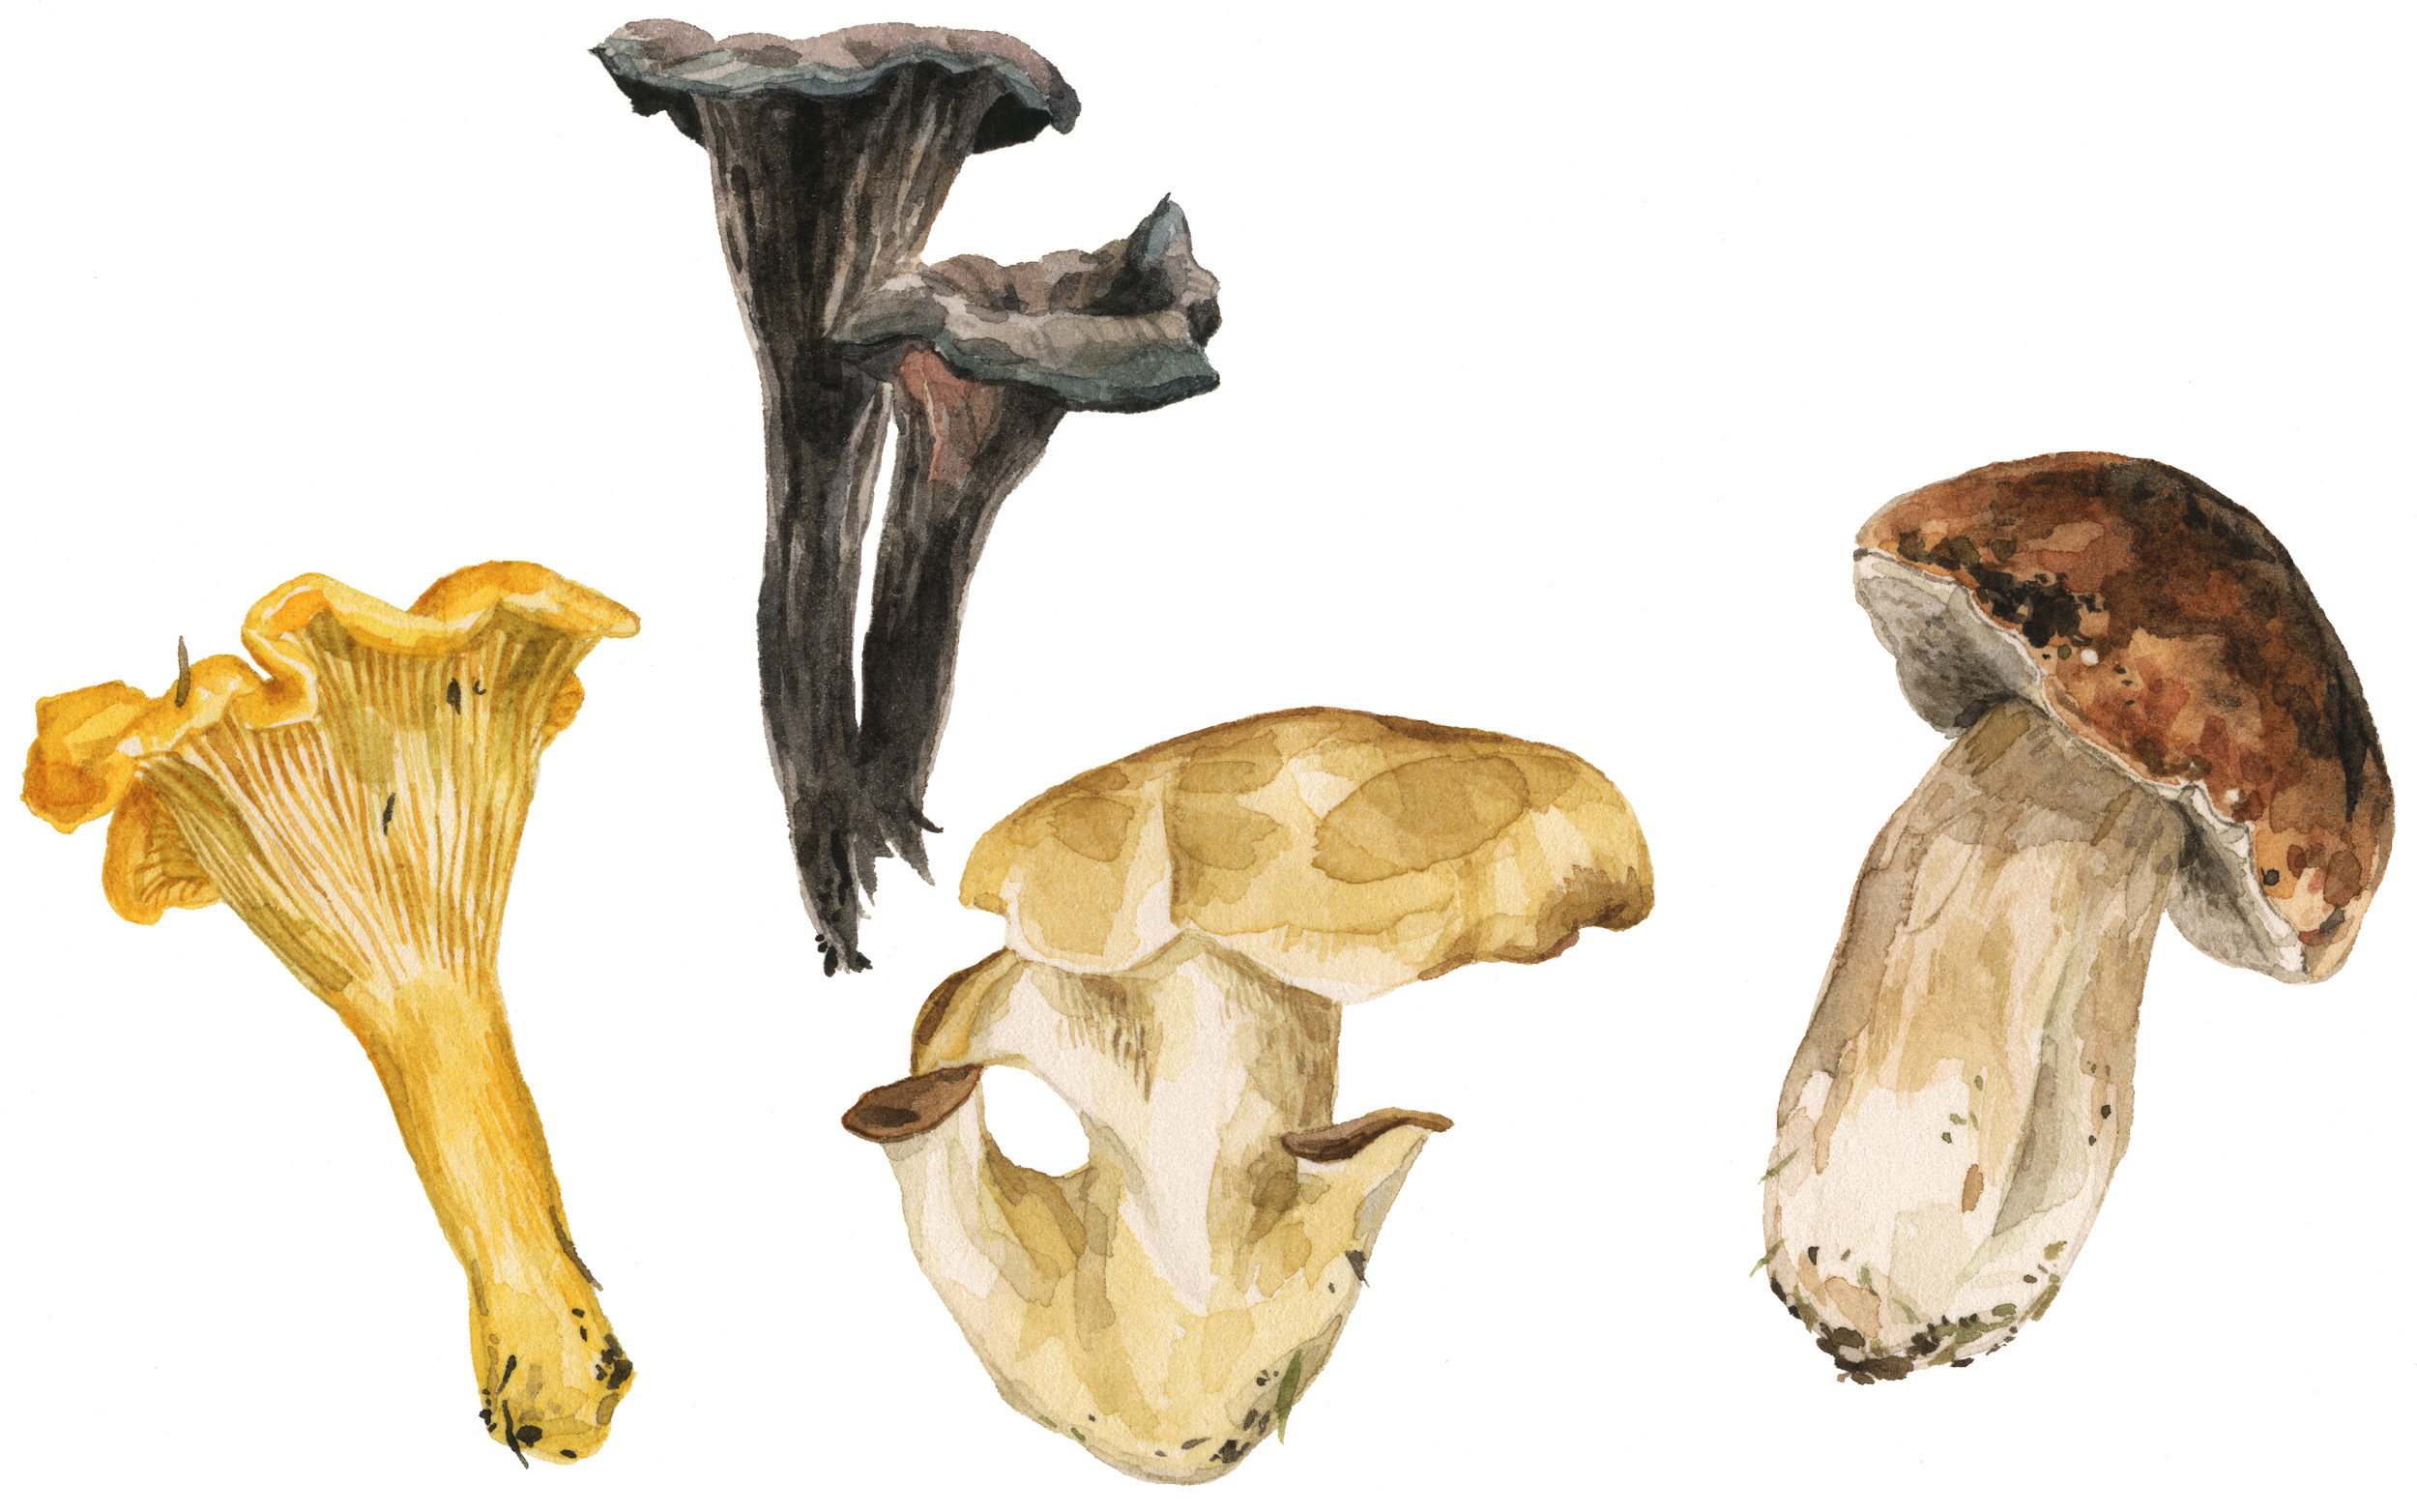 31-mushrooms-lrg.jpg